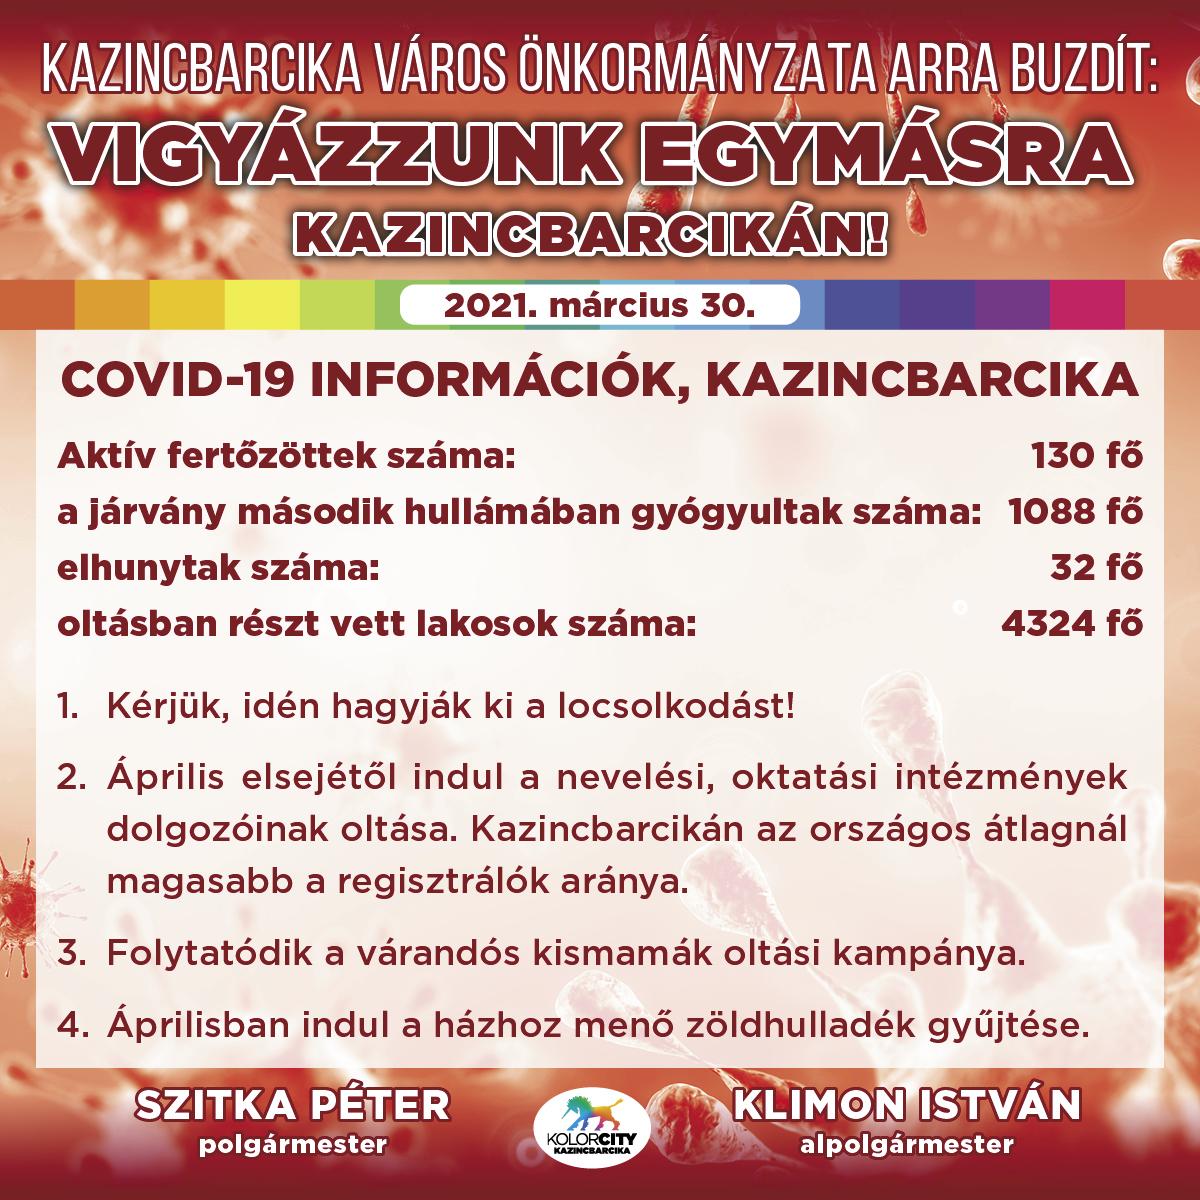 https://kolorline.hu/Vigyázzunk egymásra Kazincbarcikán! – 2021. március 30.